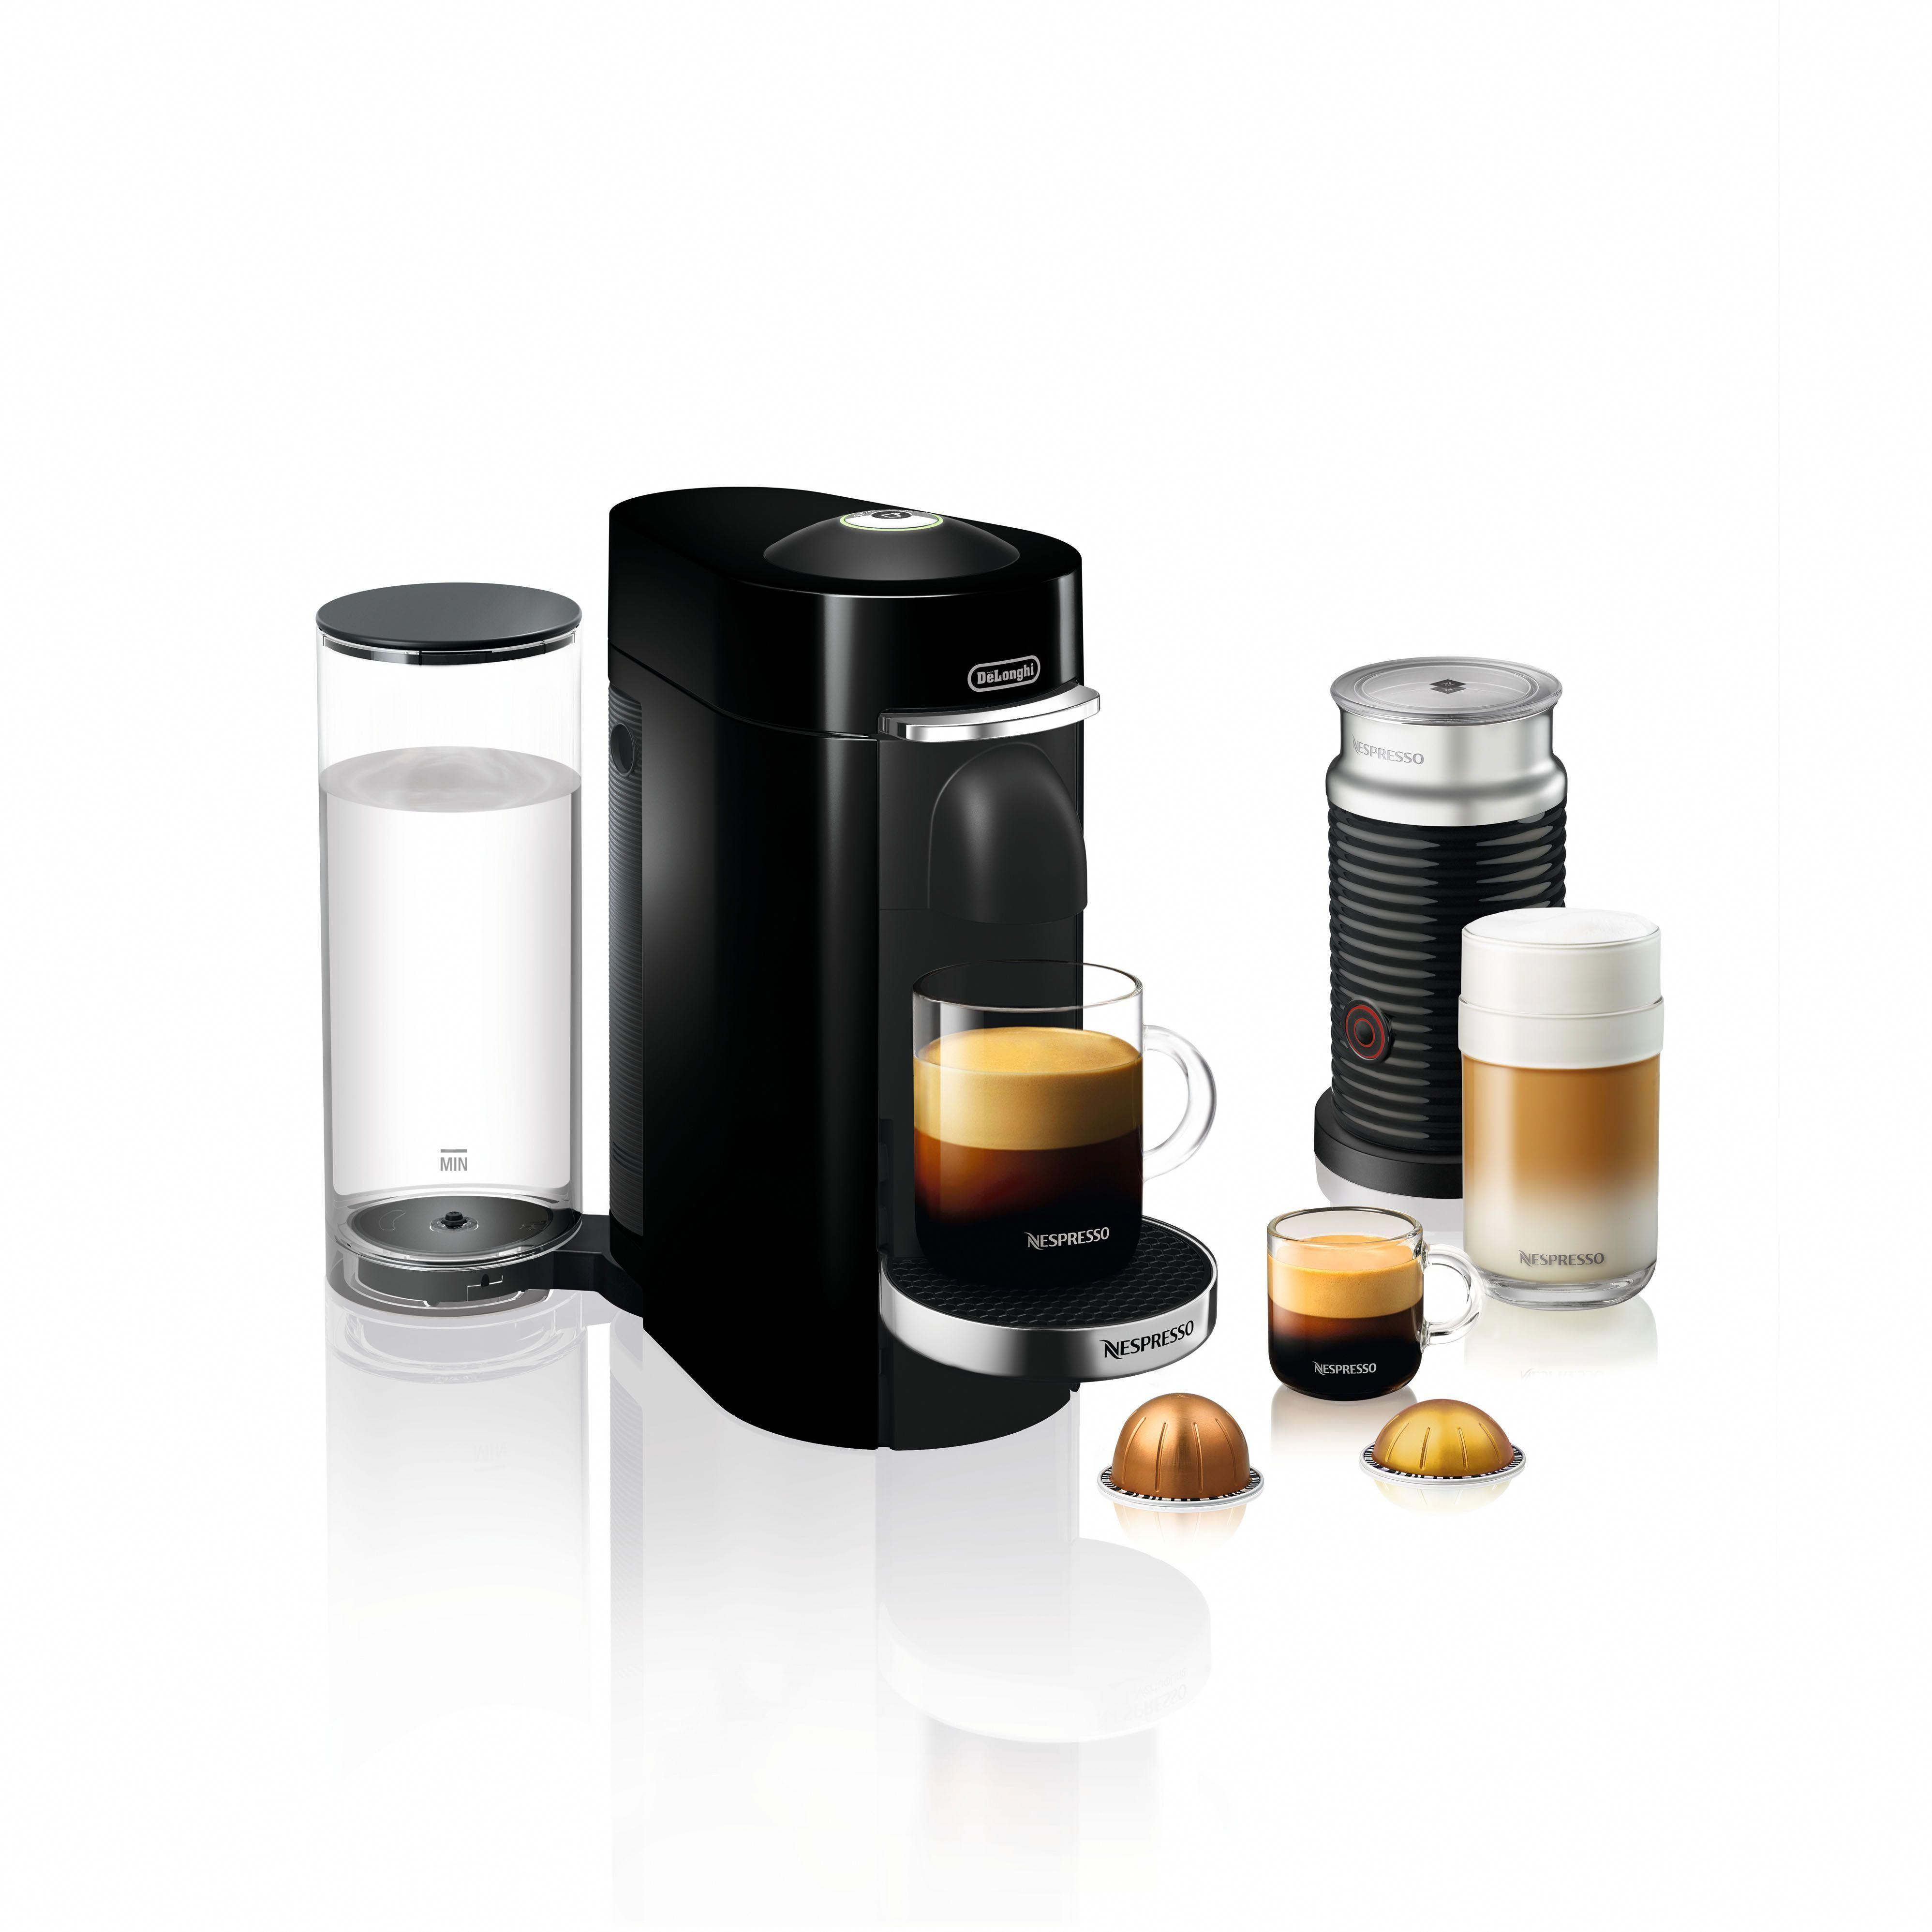 Machine à Café à Capsules Nespresso « Vertuoplus Deluxe